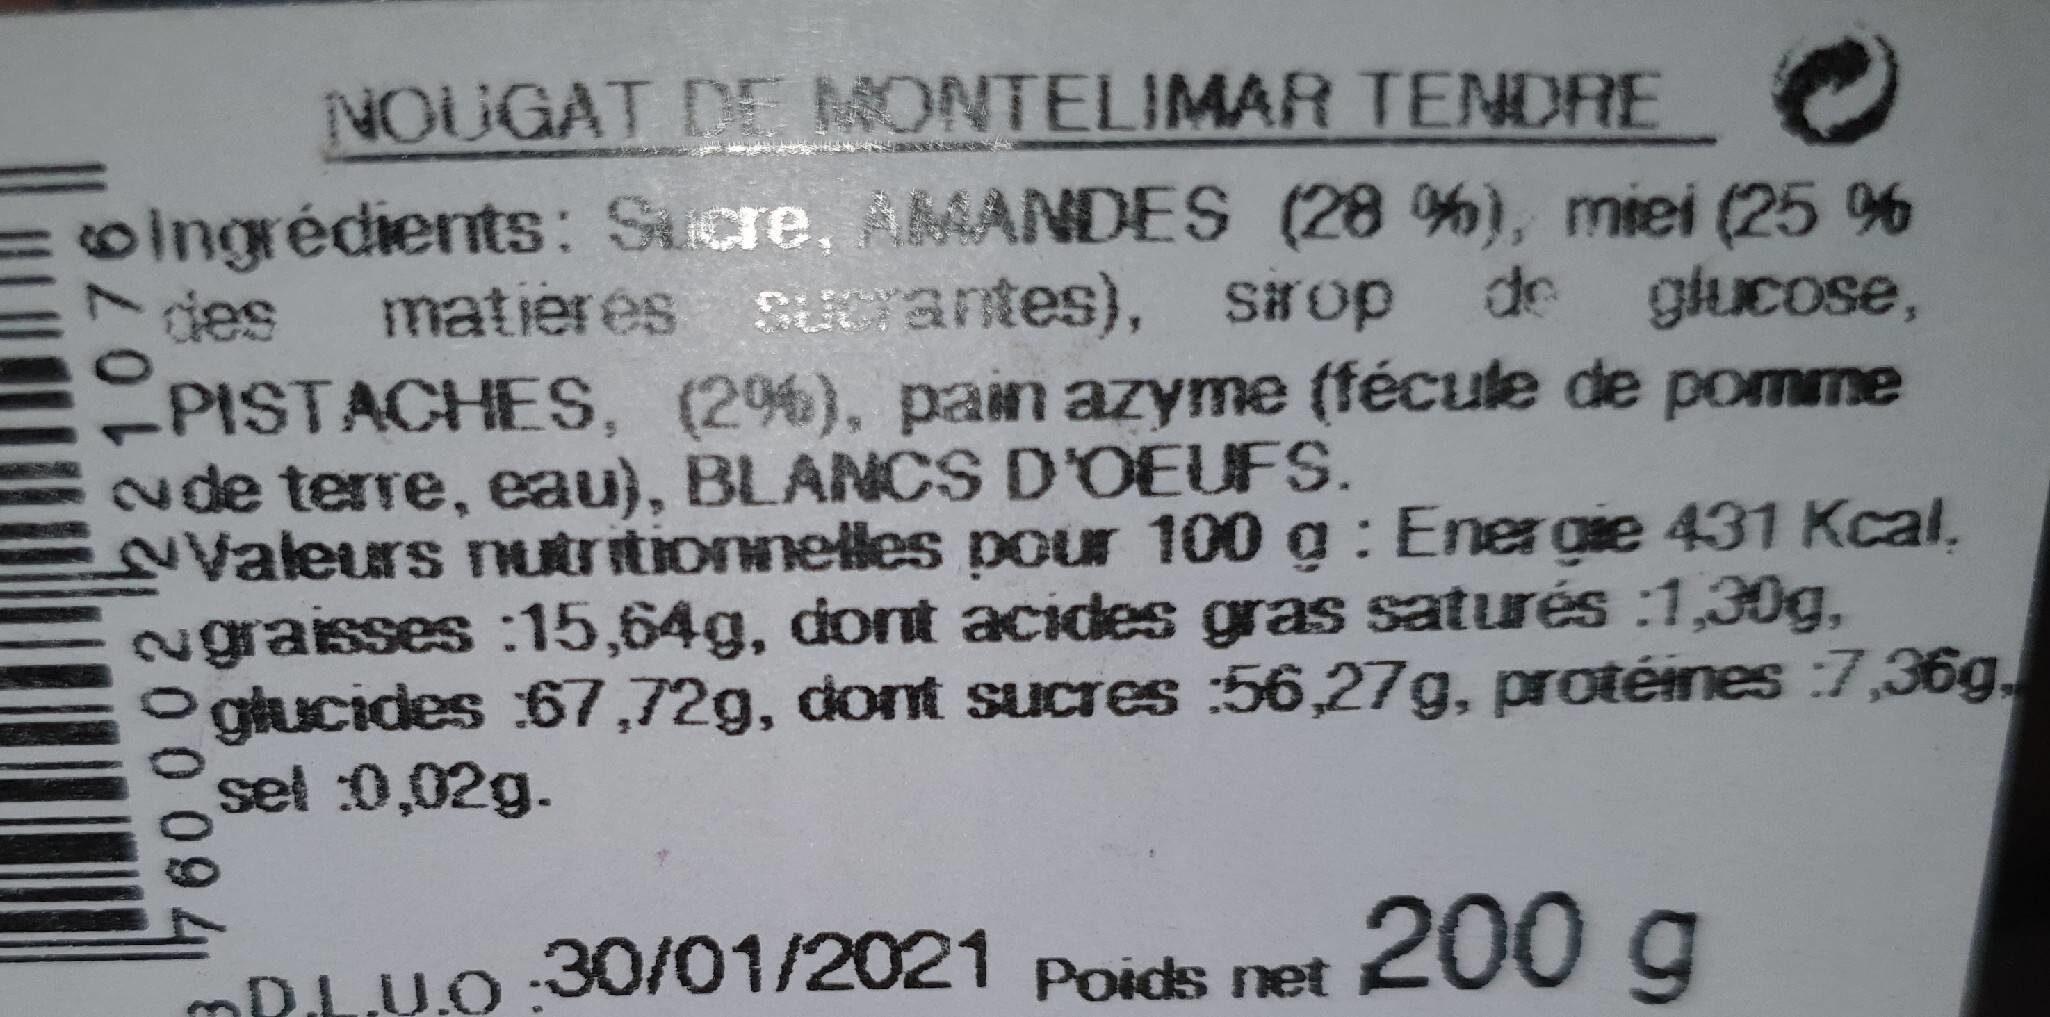 Nougat de montelimar - Informação nutricional - fr